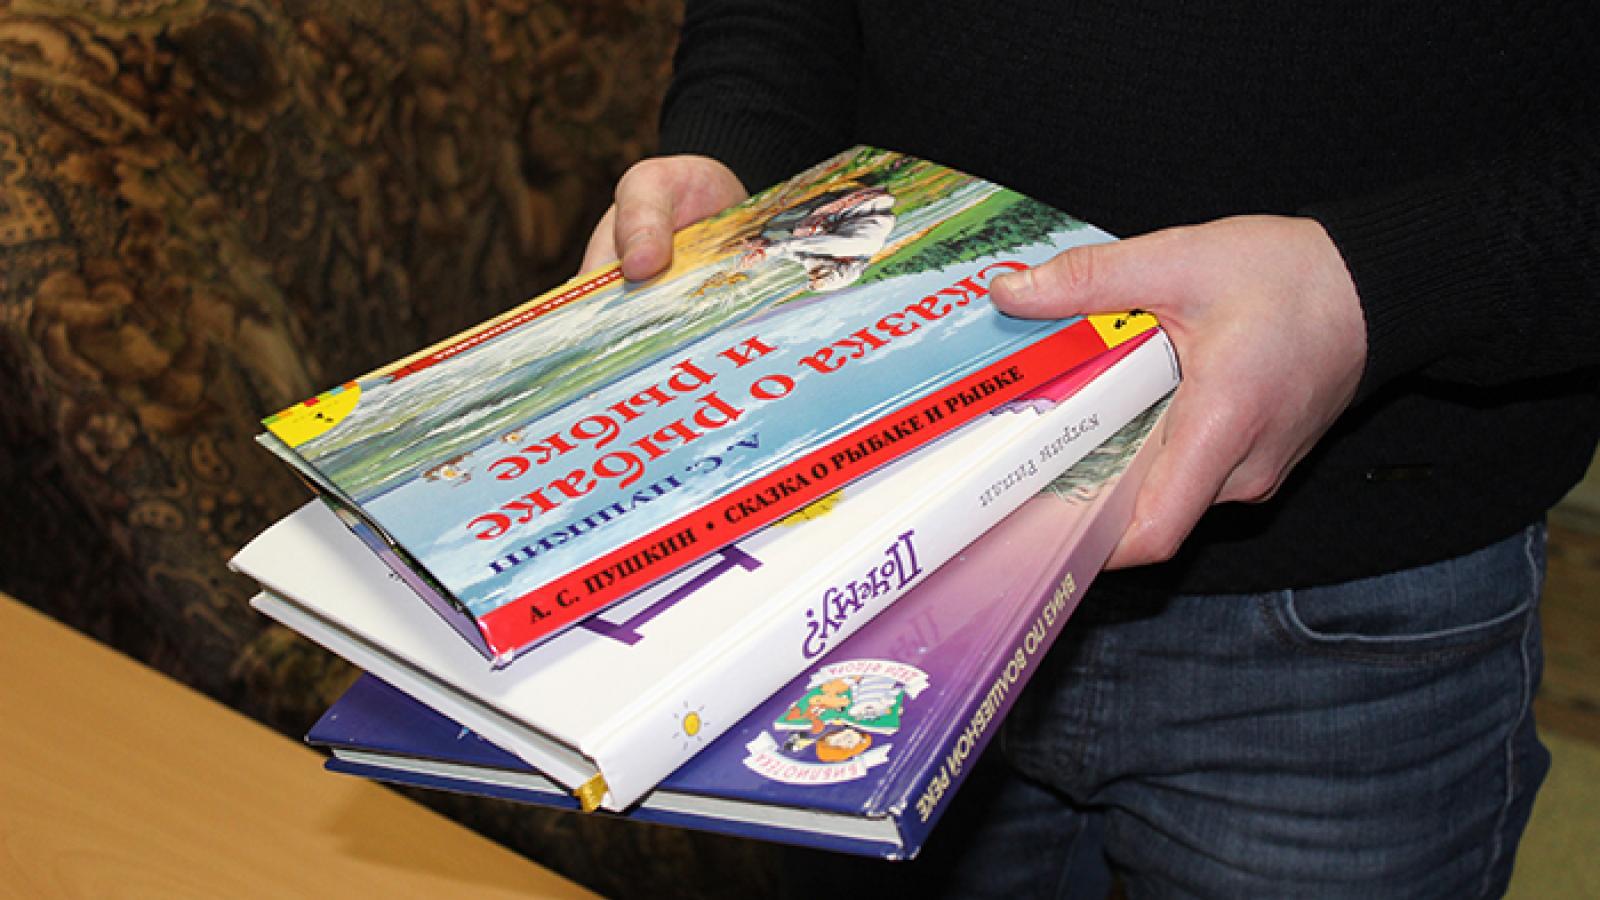 Вологжане смогут подарить книги нуждающимся детям